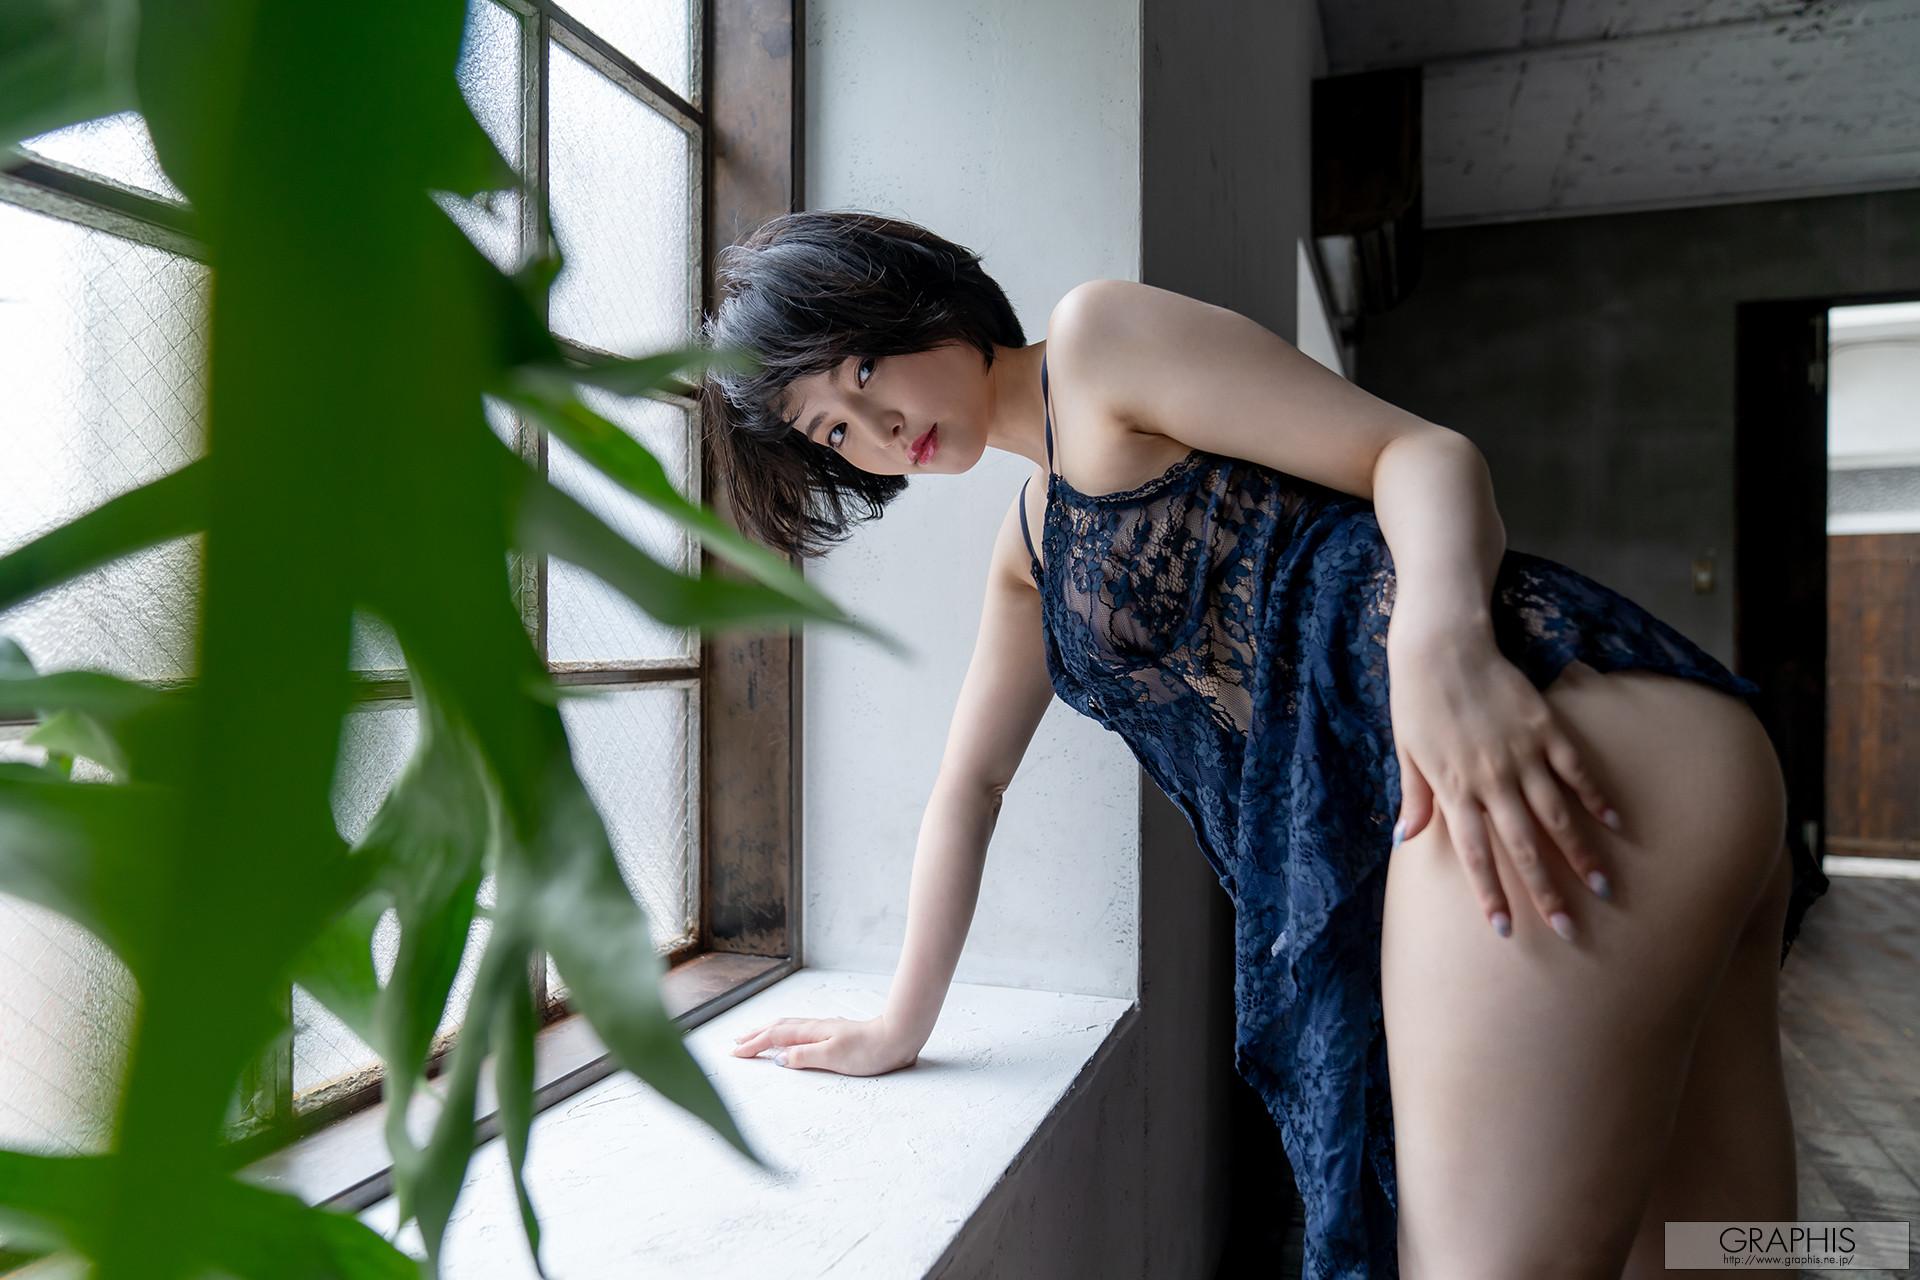 三宮つばき AV女優 ヌード グラビア 059